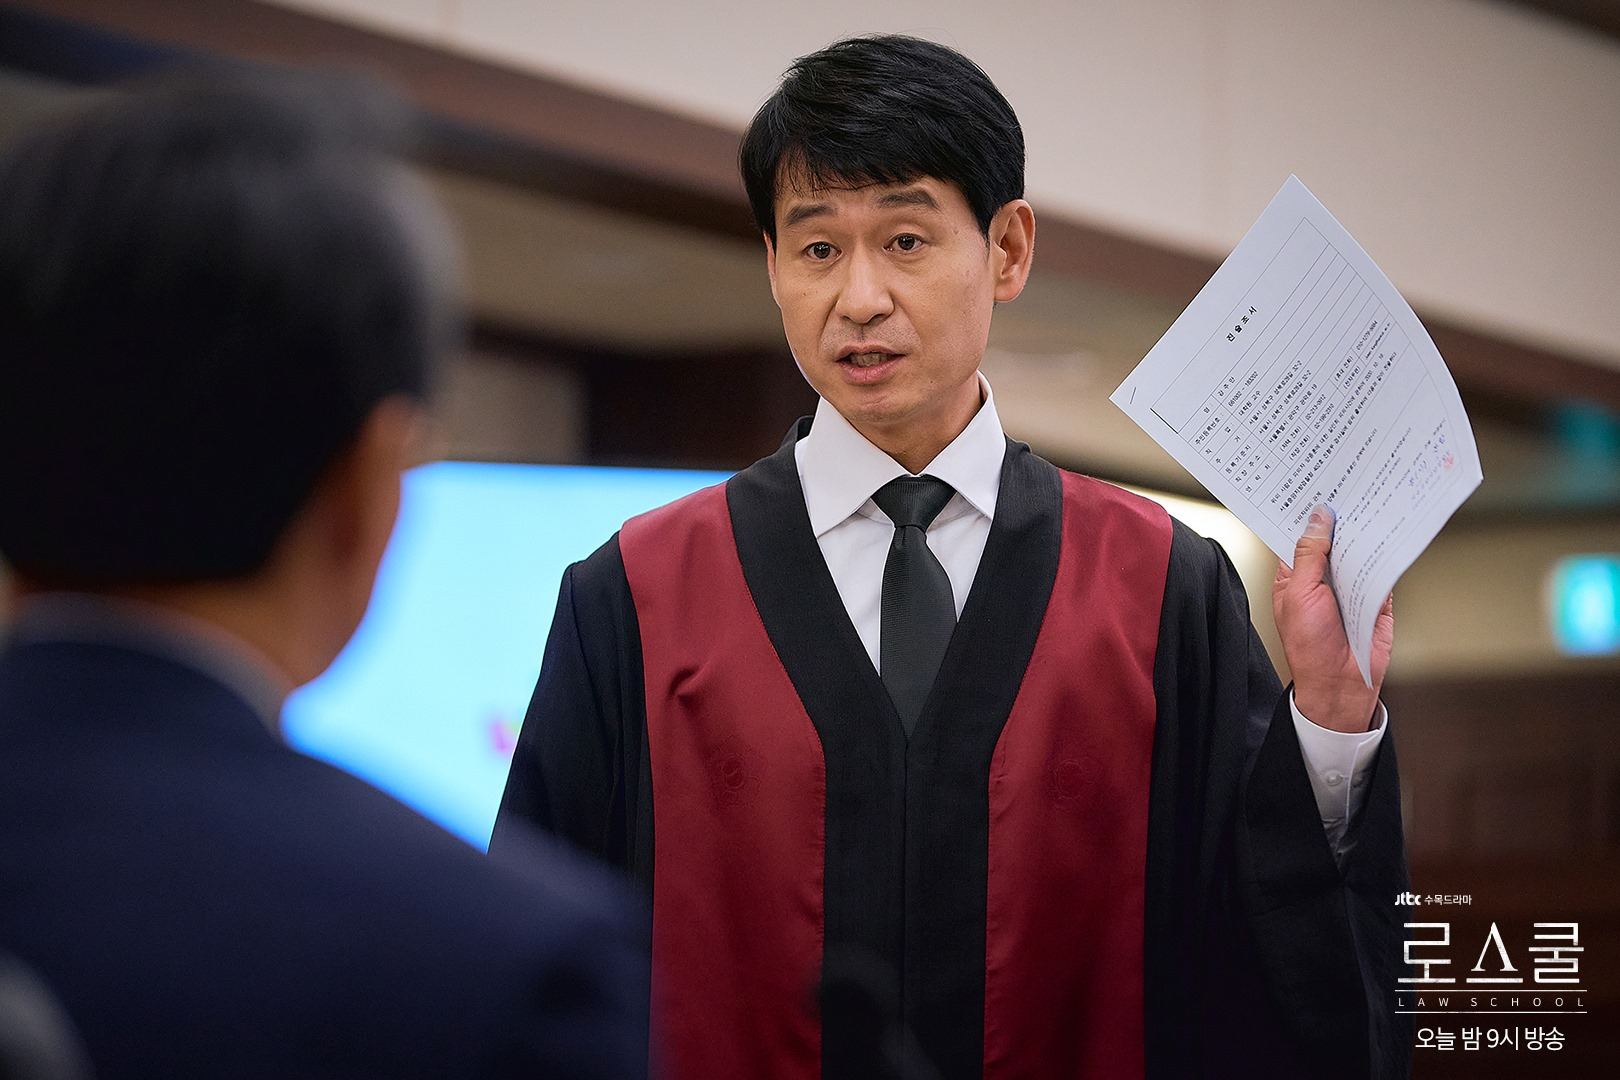 Hyuk-kwon Park in Law School (2021)